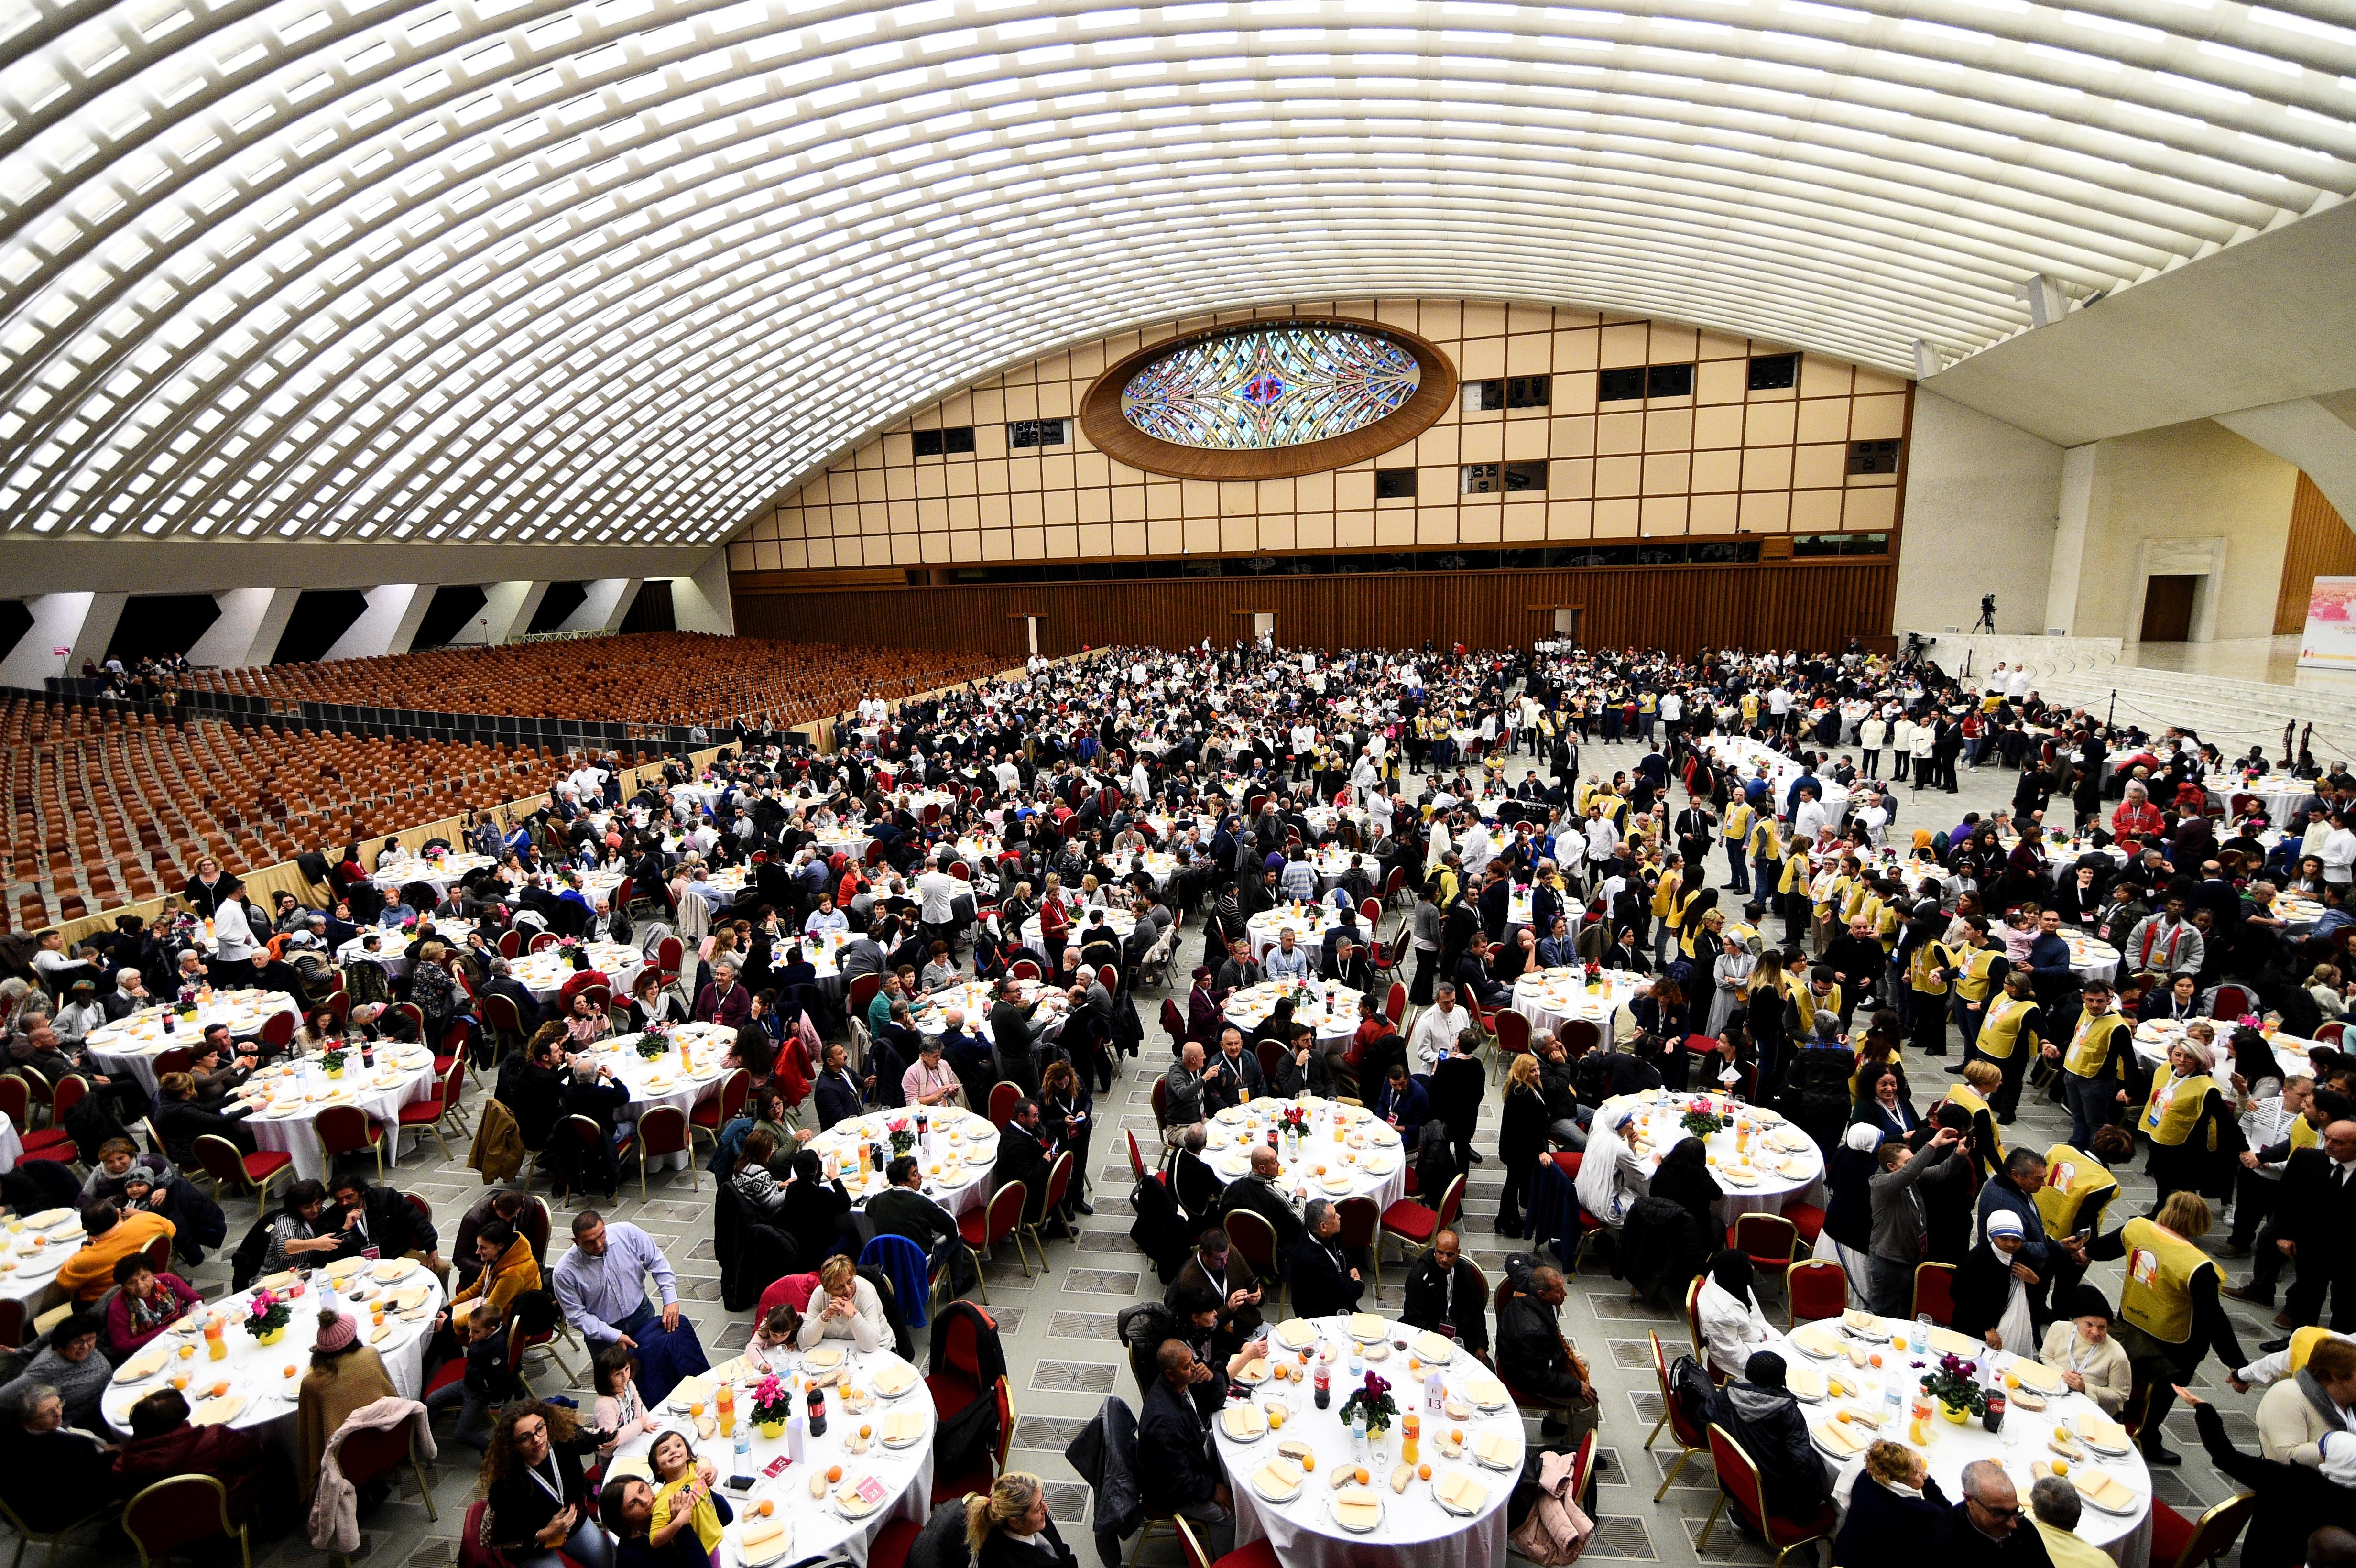 El papa recibió a 1.500 personas para comer en el Vaticano